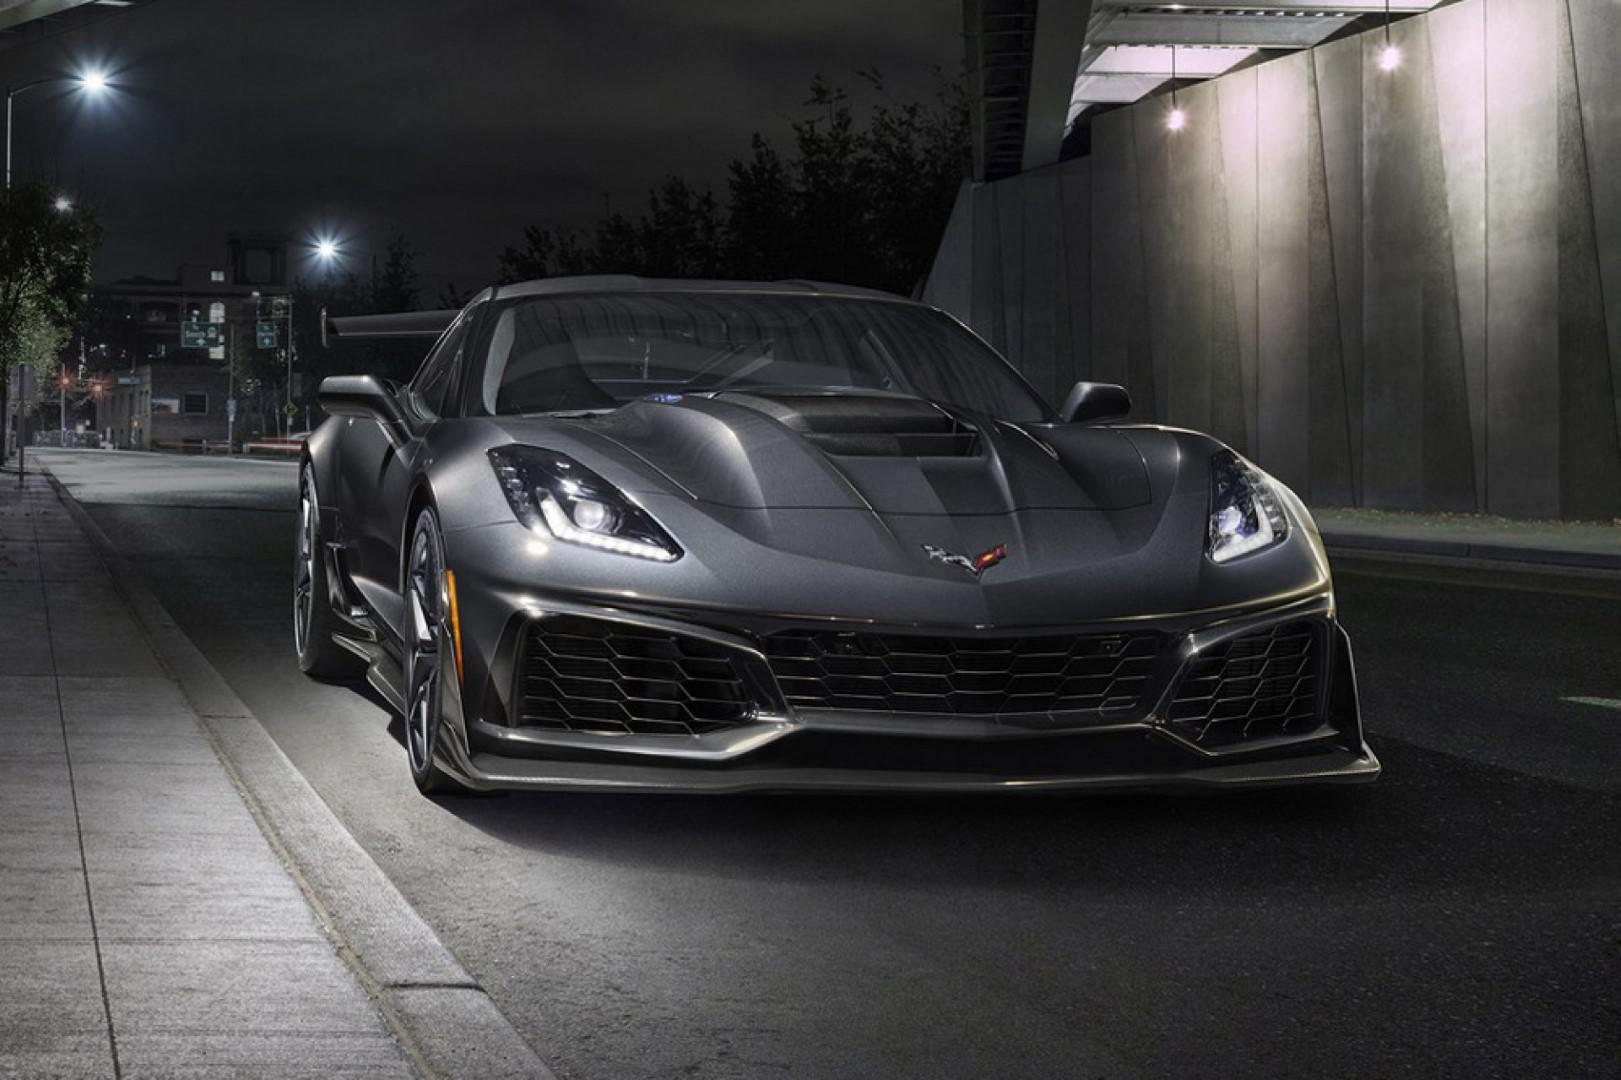 Les performances de la Chevrolet Corvette ZR1 ?